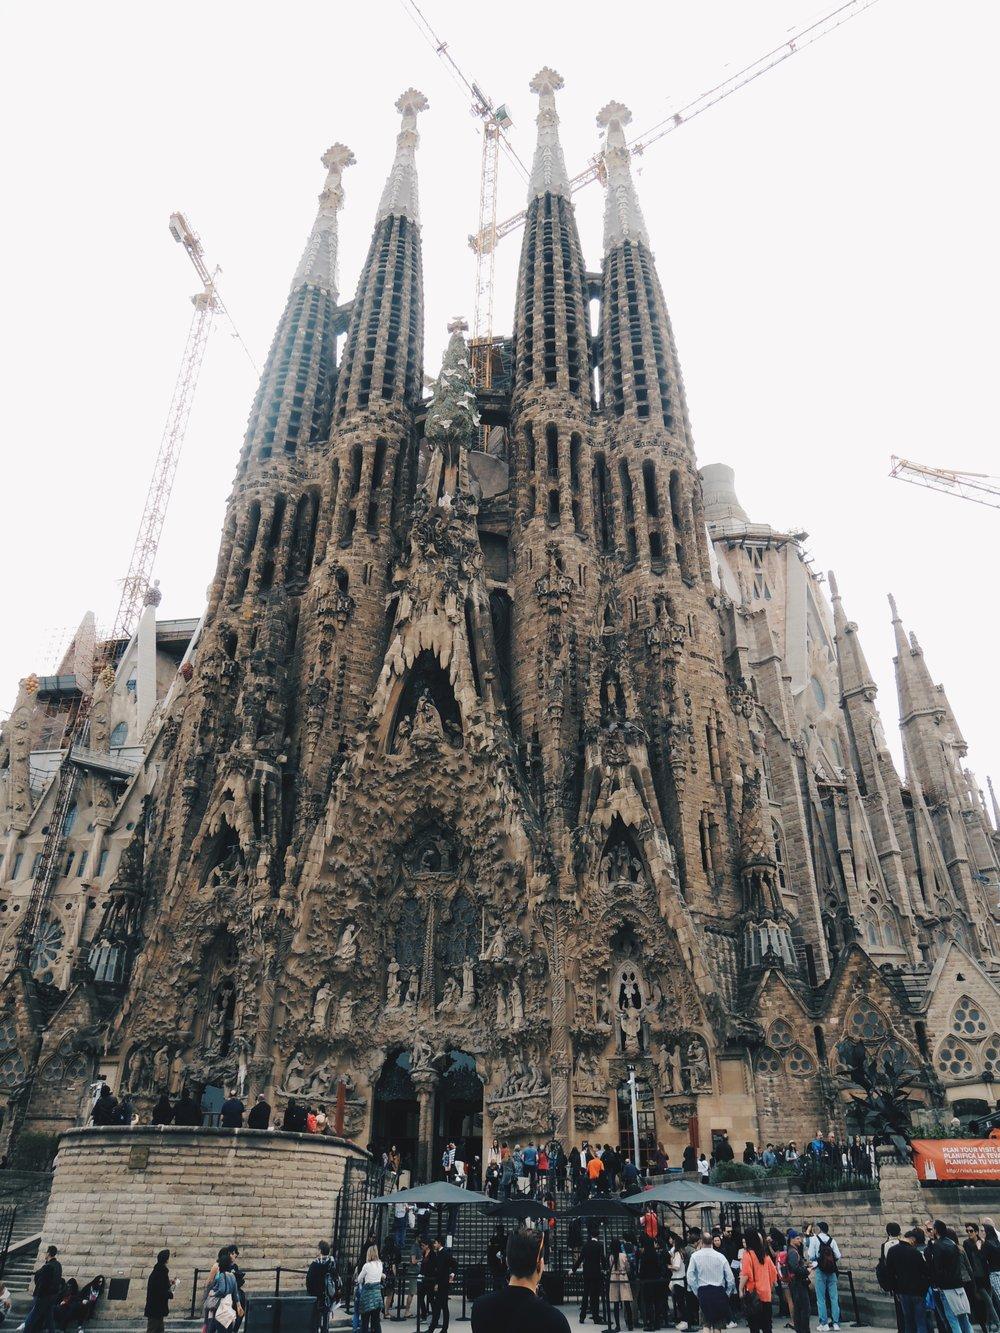 Catalan architect Antoni Gaudí's masterpiece — La Sagrada Família, a UNESCO World Heritage Site